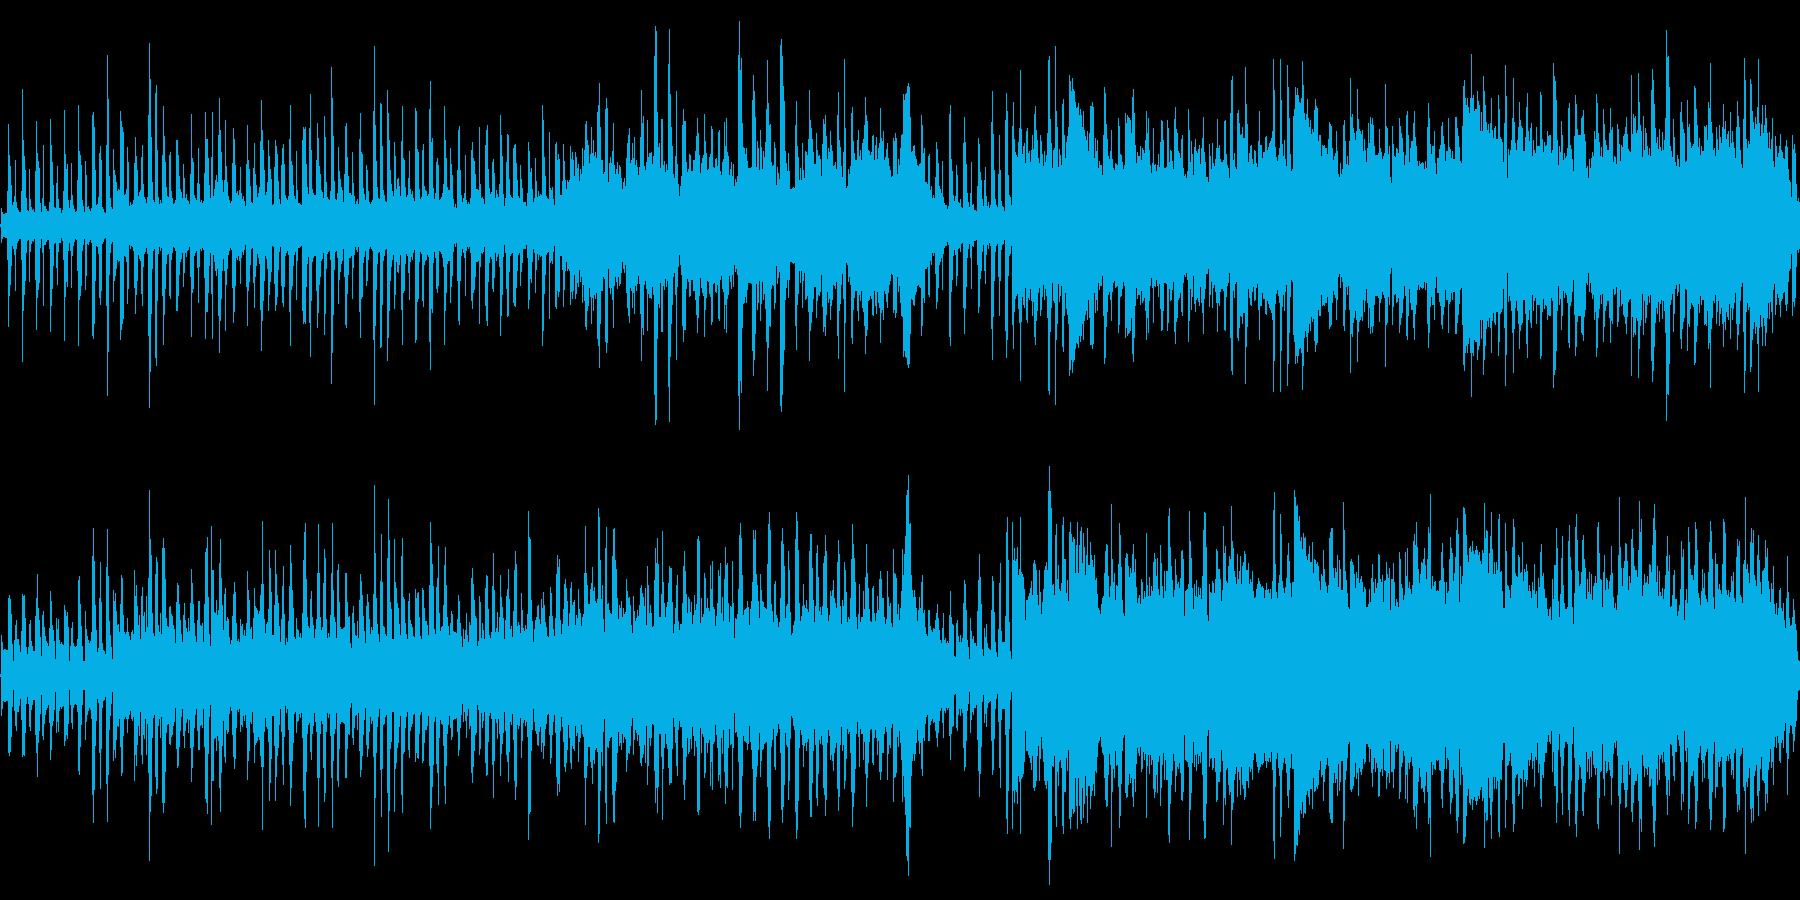 【リズム・ベース抜き】爽やかで朗らかな…の再生済みの波形